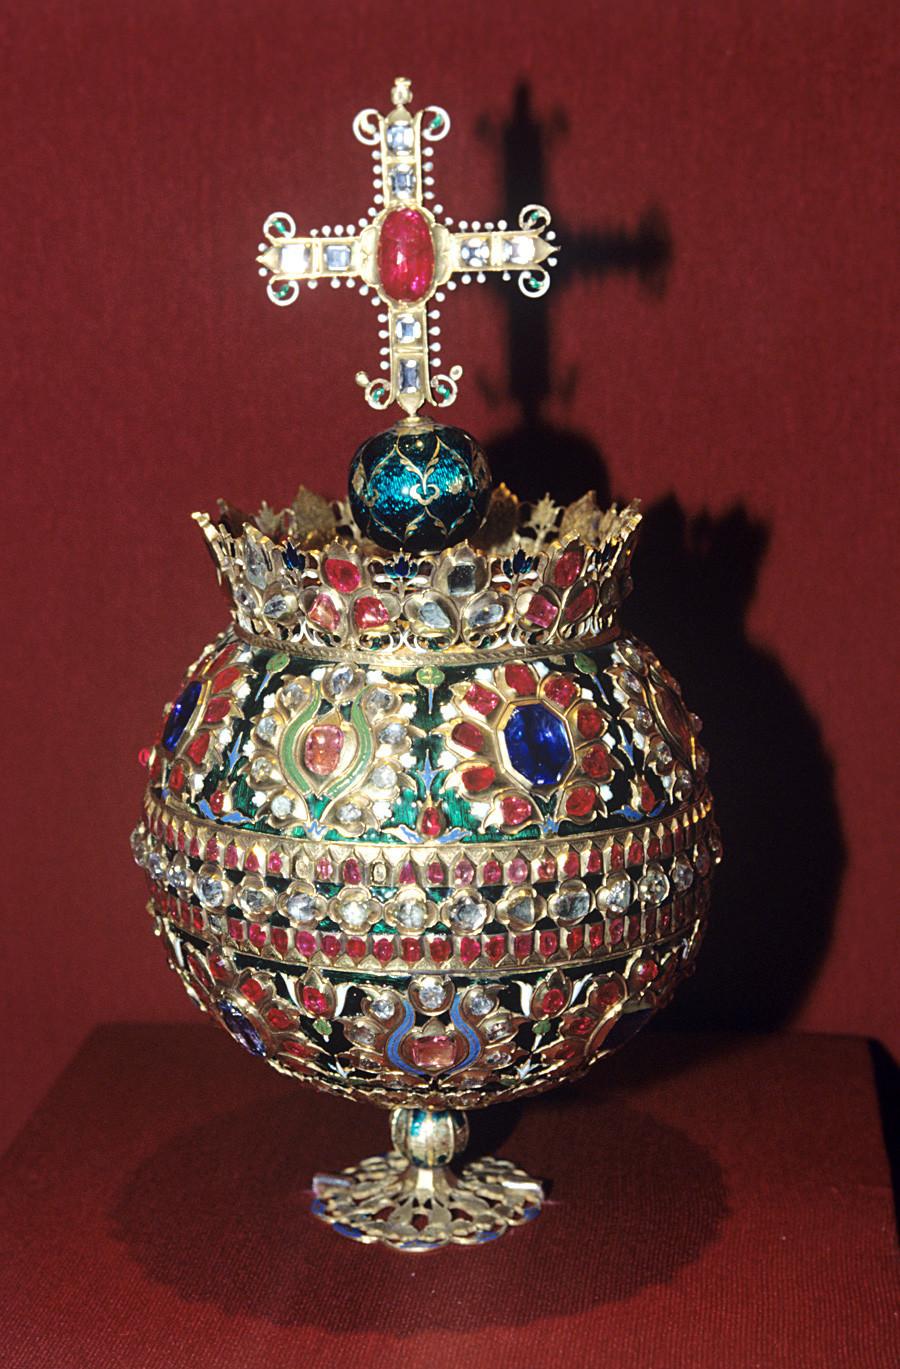 Кълбона император Алексей Михайлович (1629-1676). Константинопол, 1662 година. Държавен музей на културната история